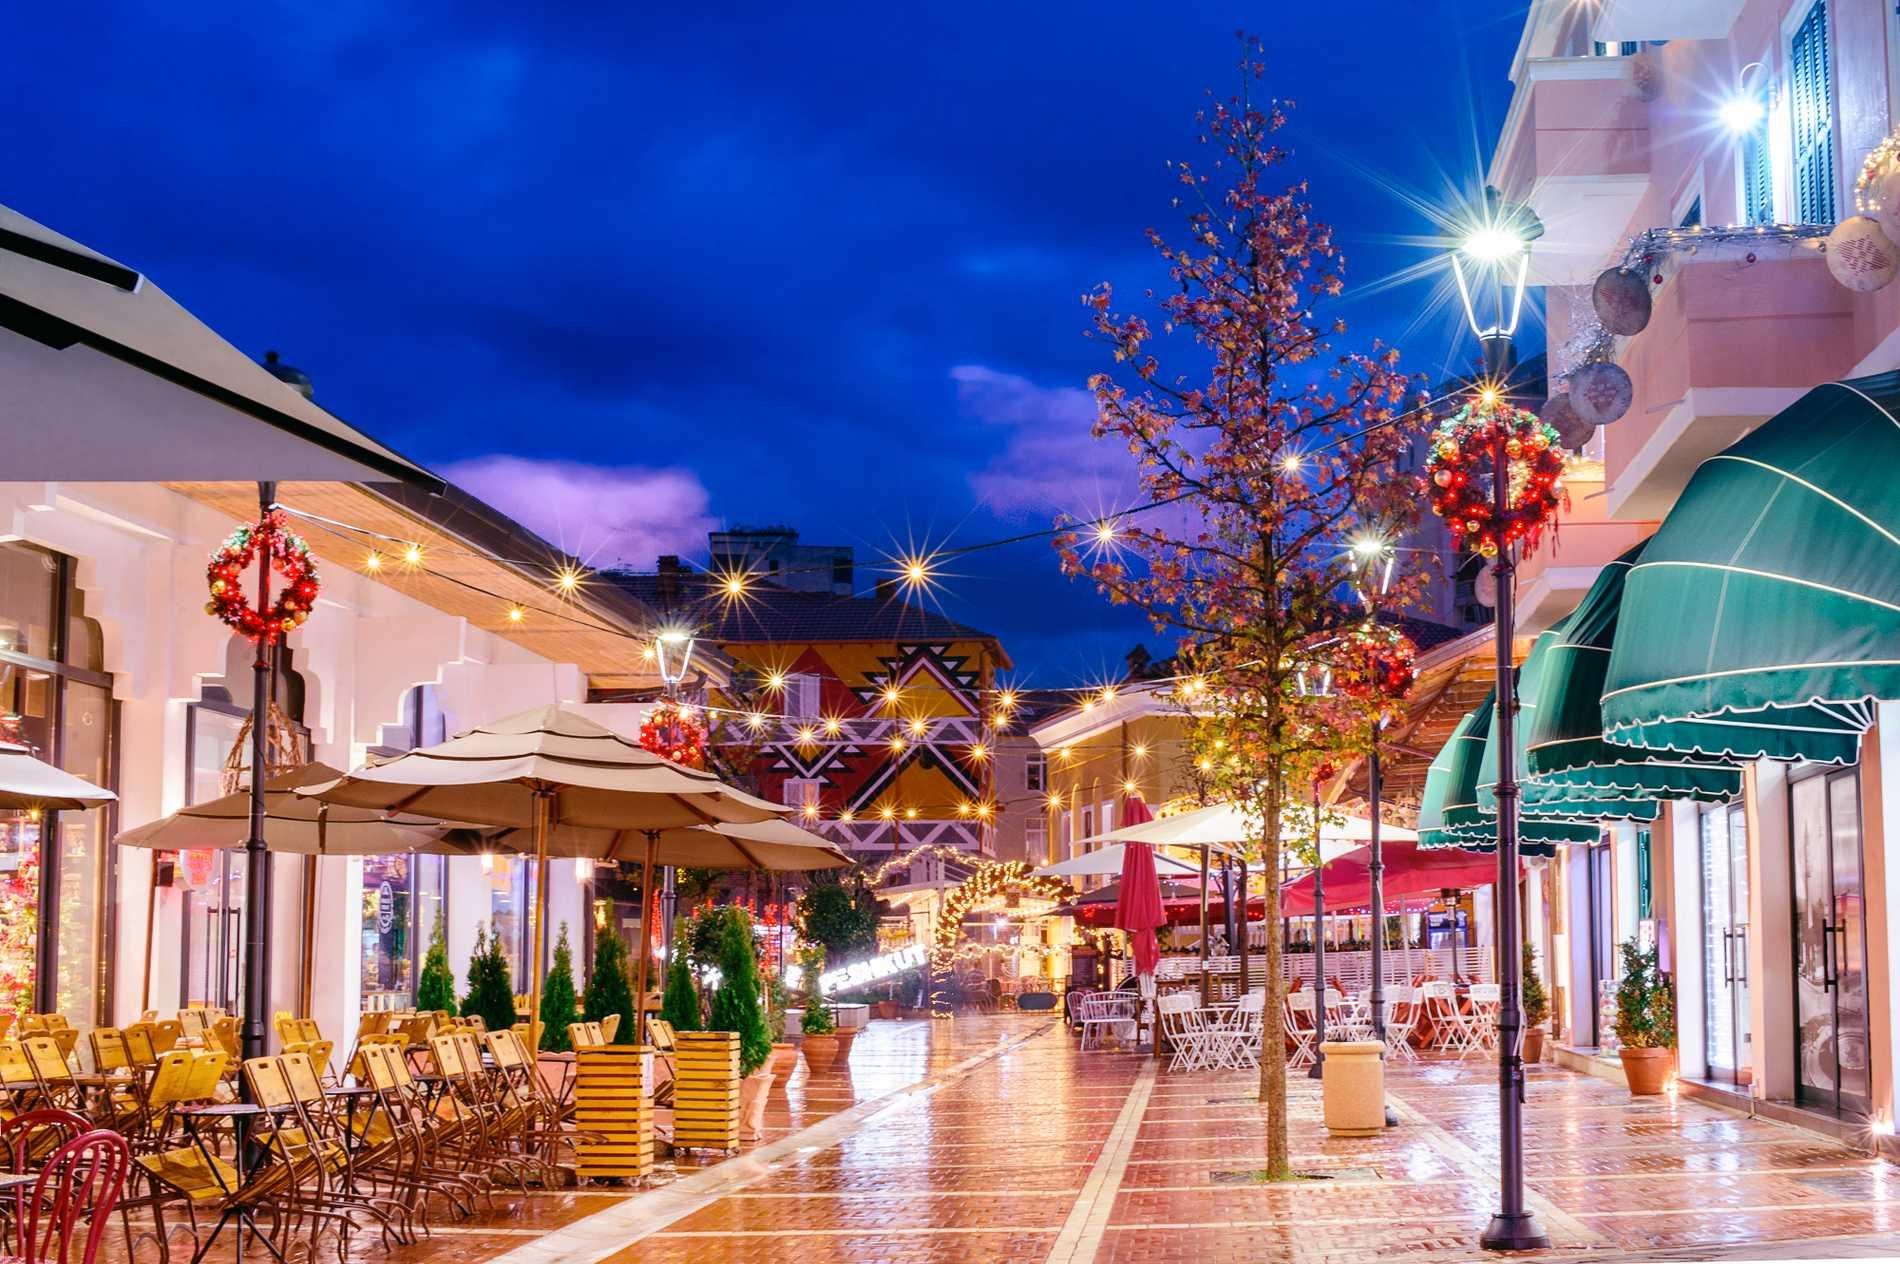 Alban Laci bor delvis i Stockholm och delvis i Albaniens huvudstad Tirana.